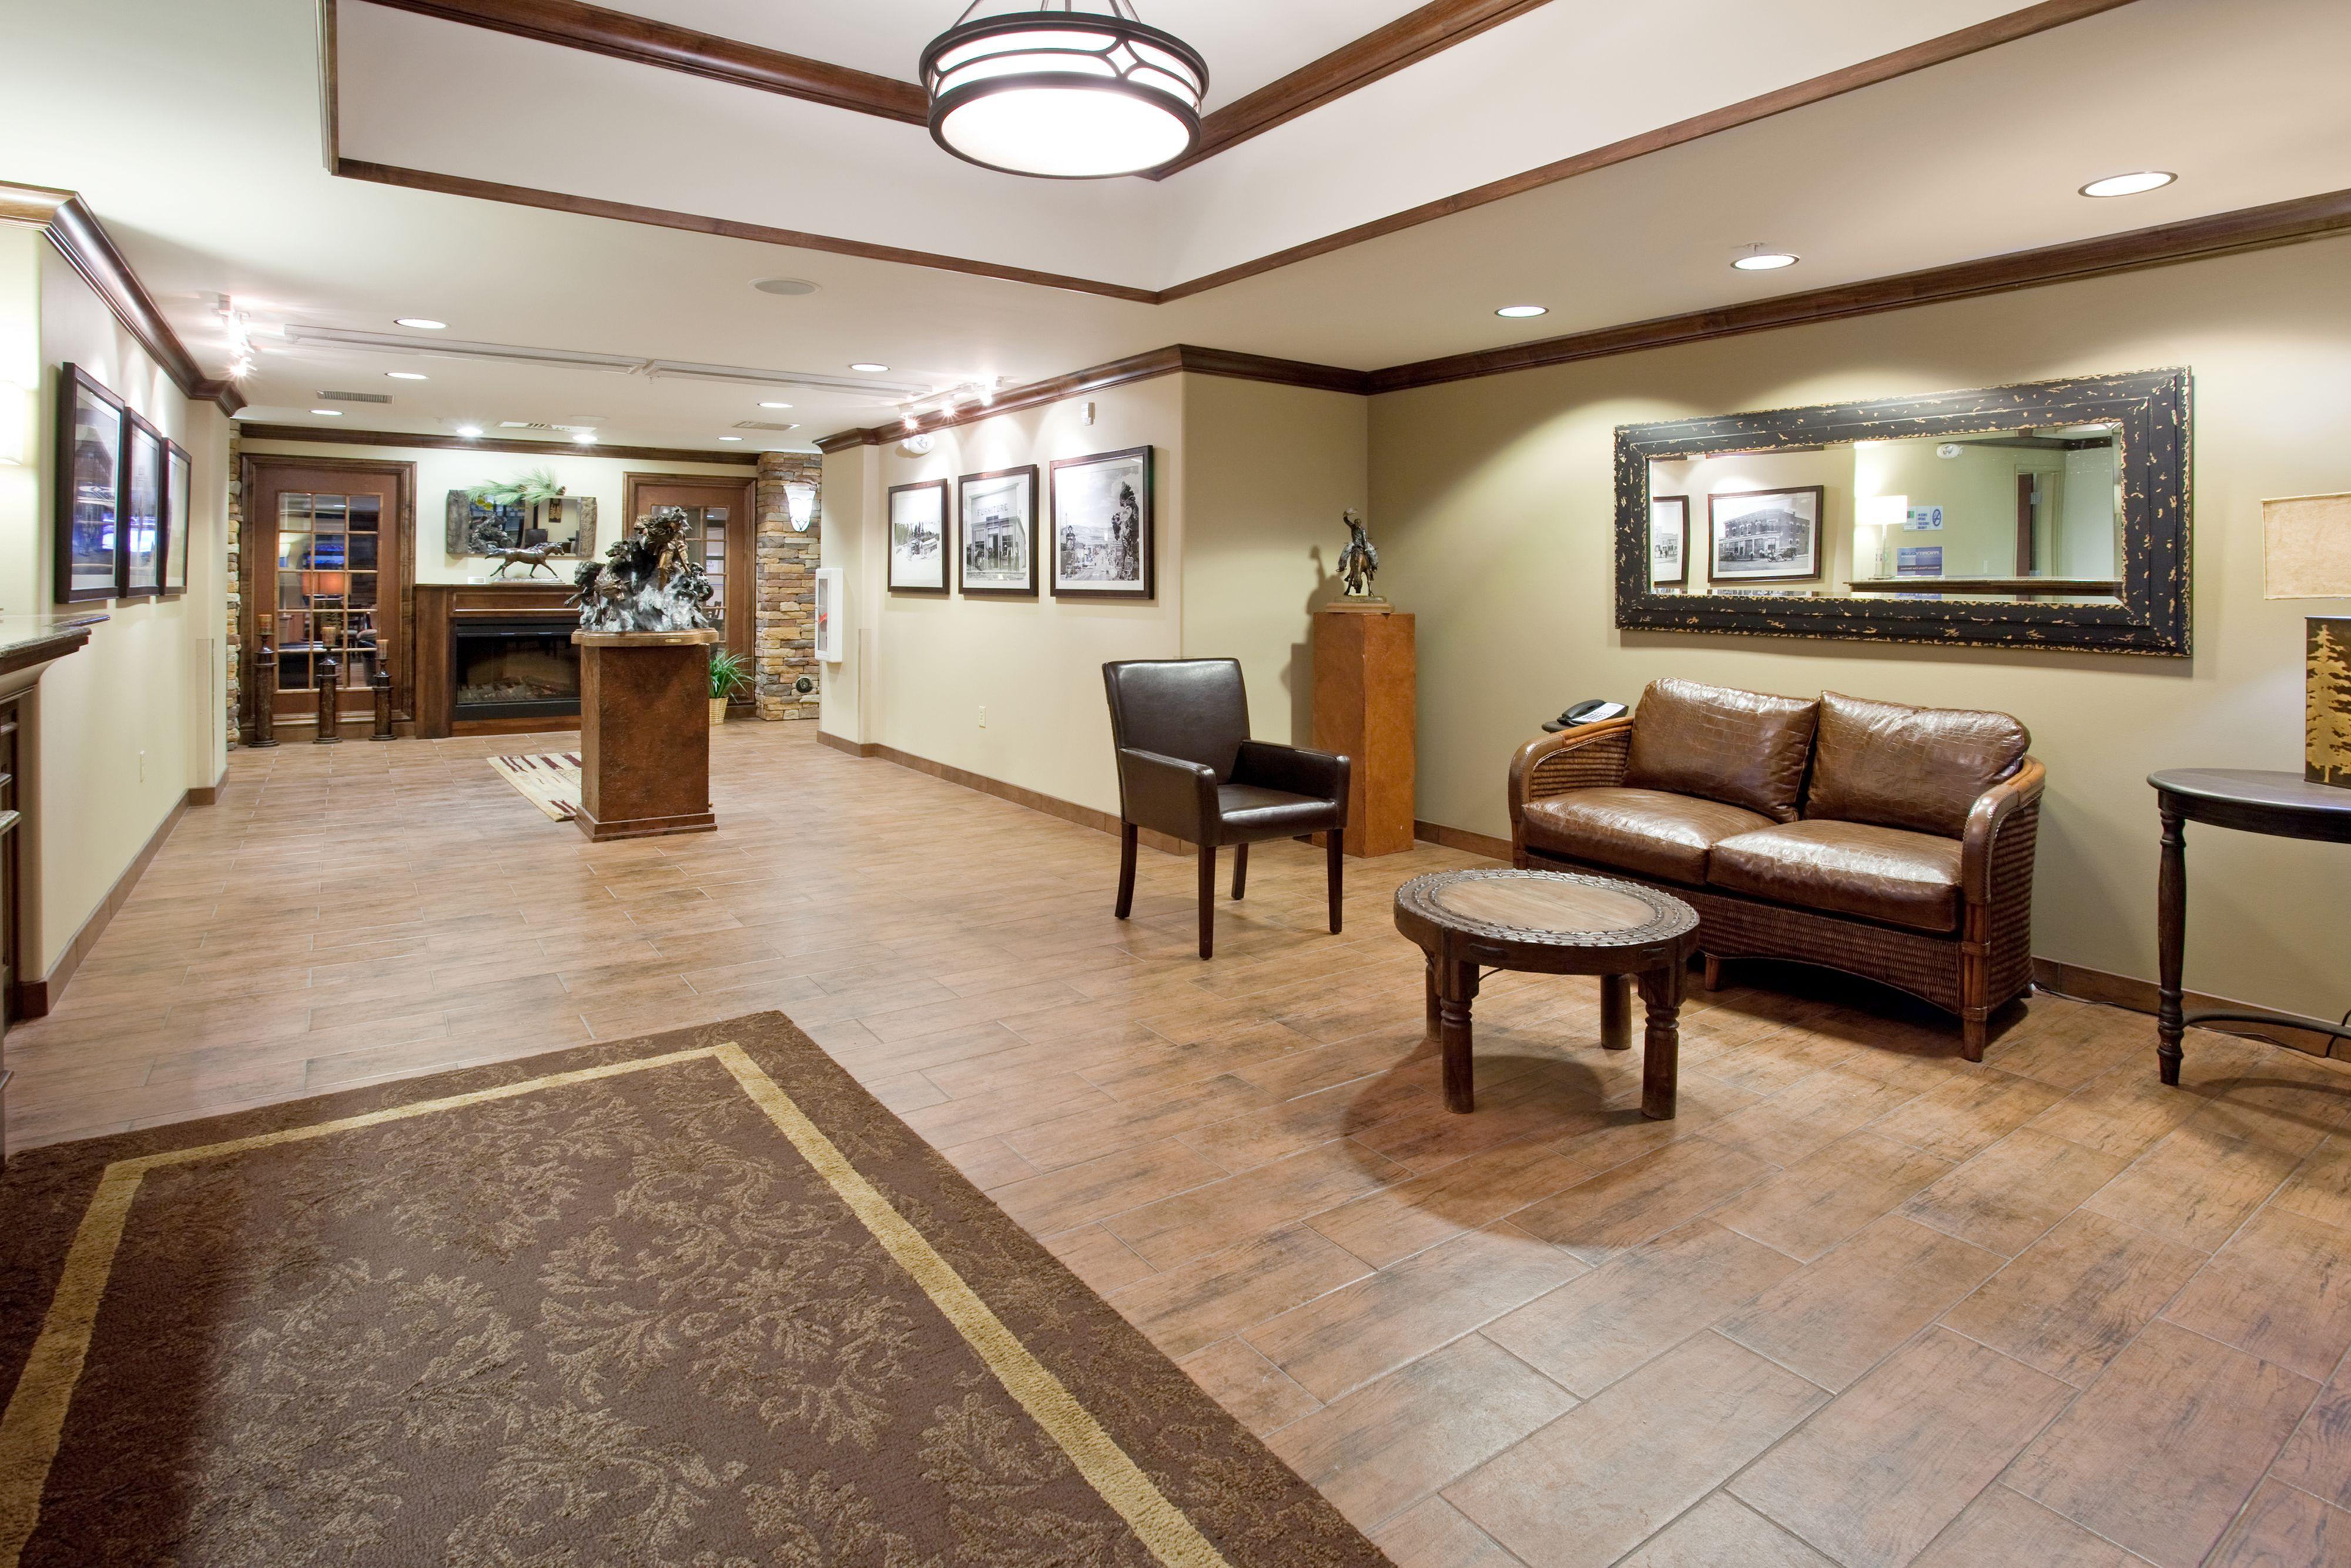 Holiday Inn Express & Suites Lander image 4